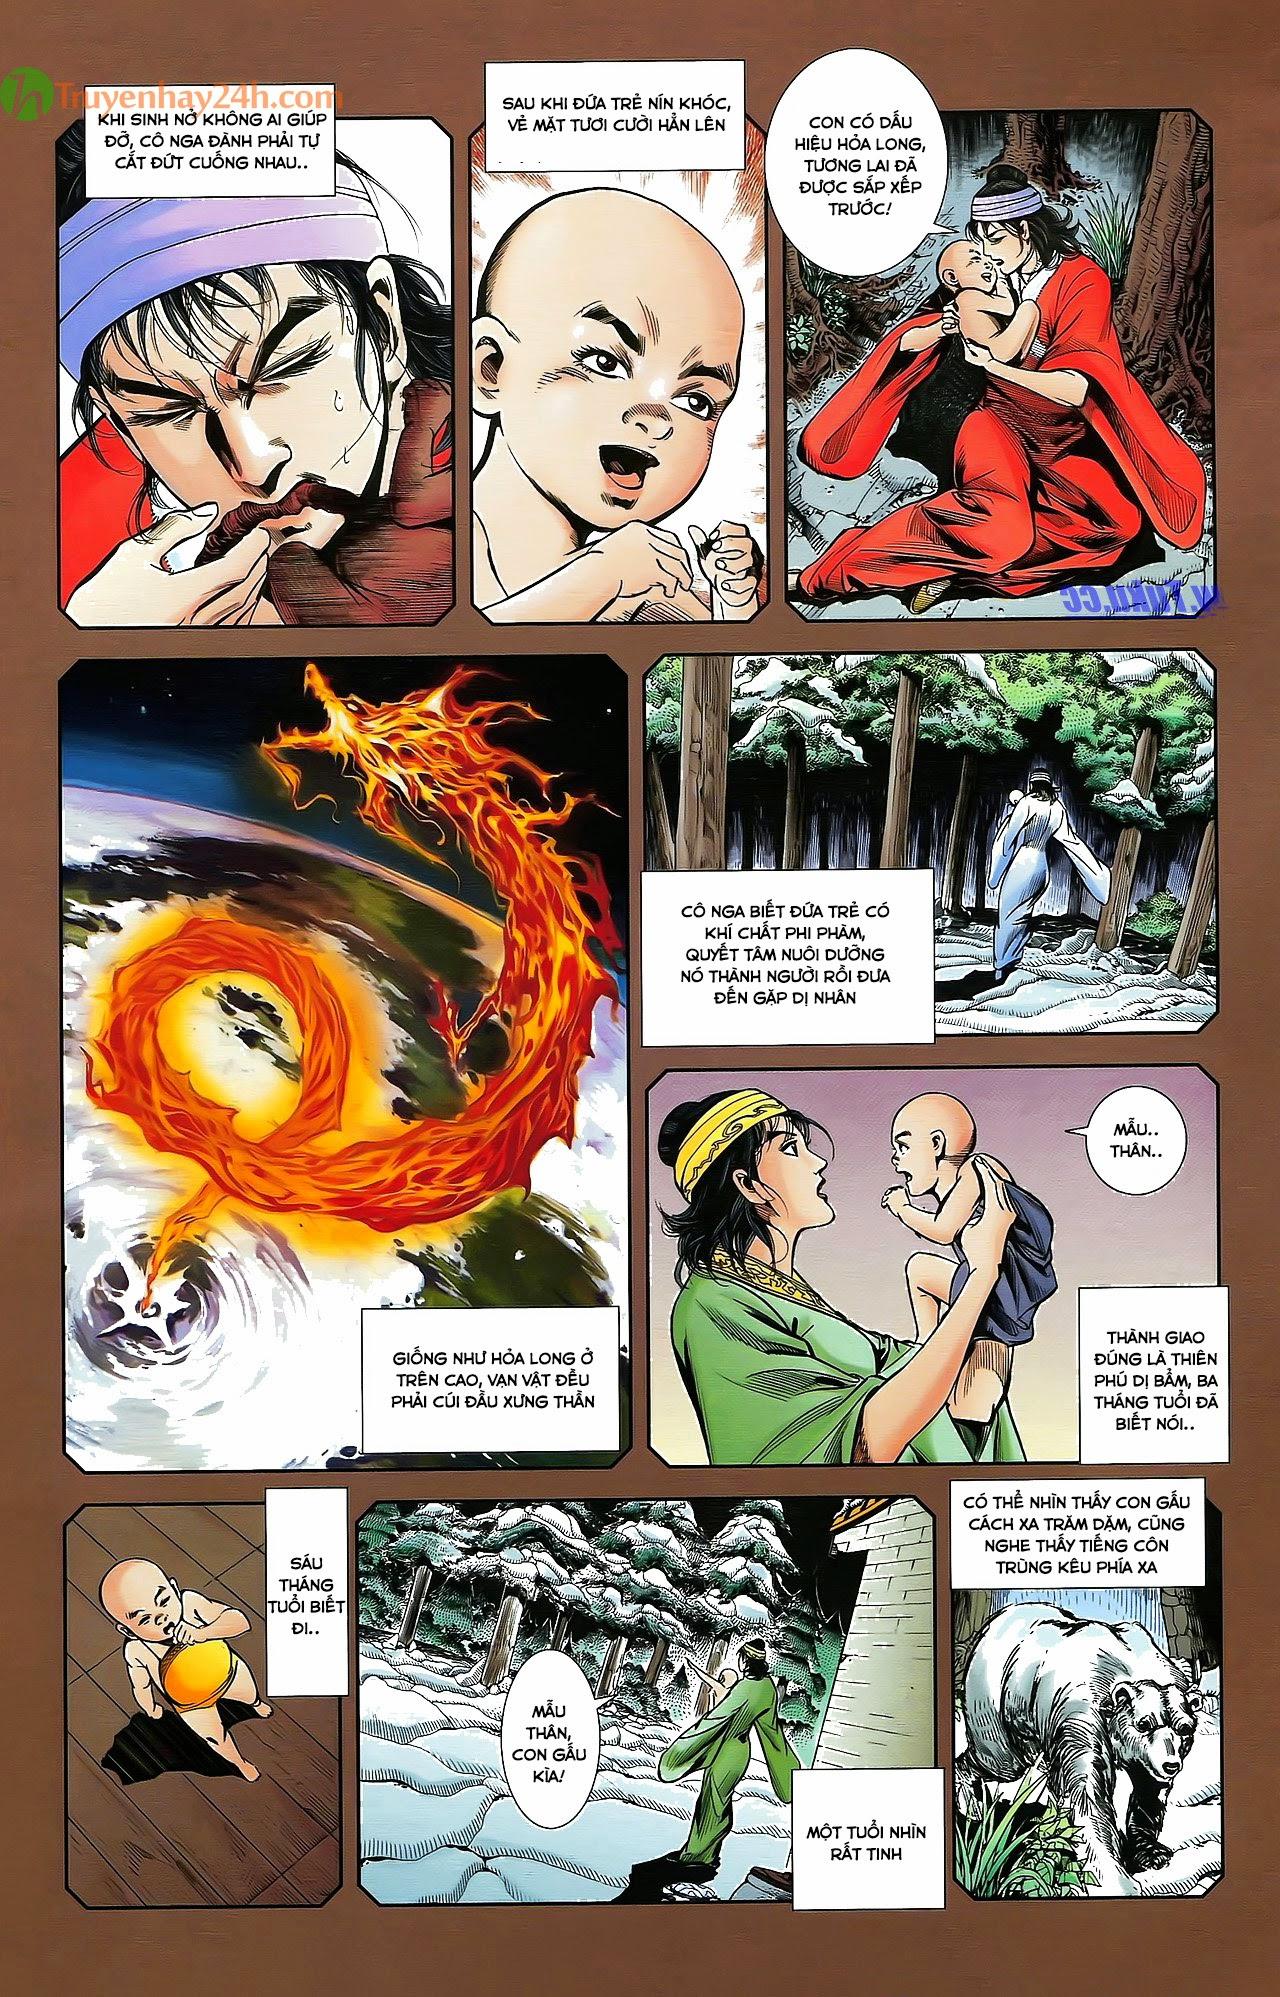 Tần Vương Doanh Chính chapter 30 trang 6